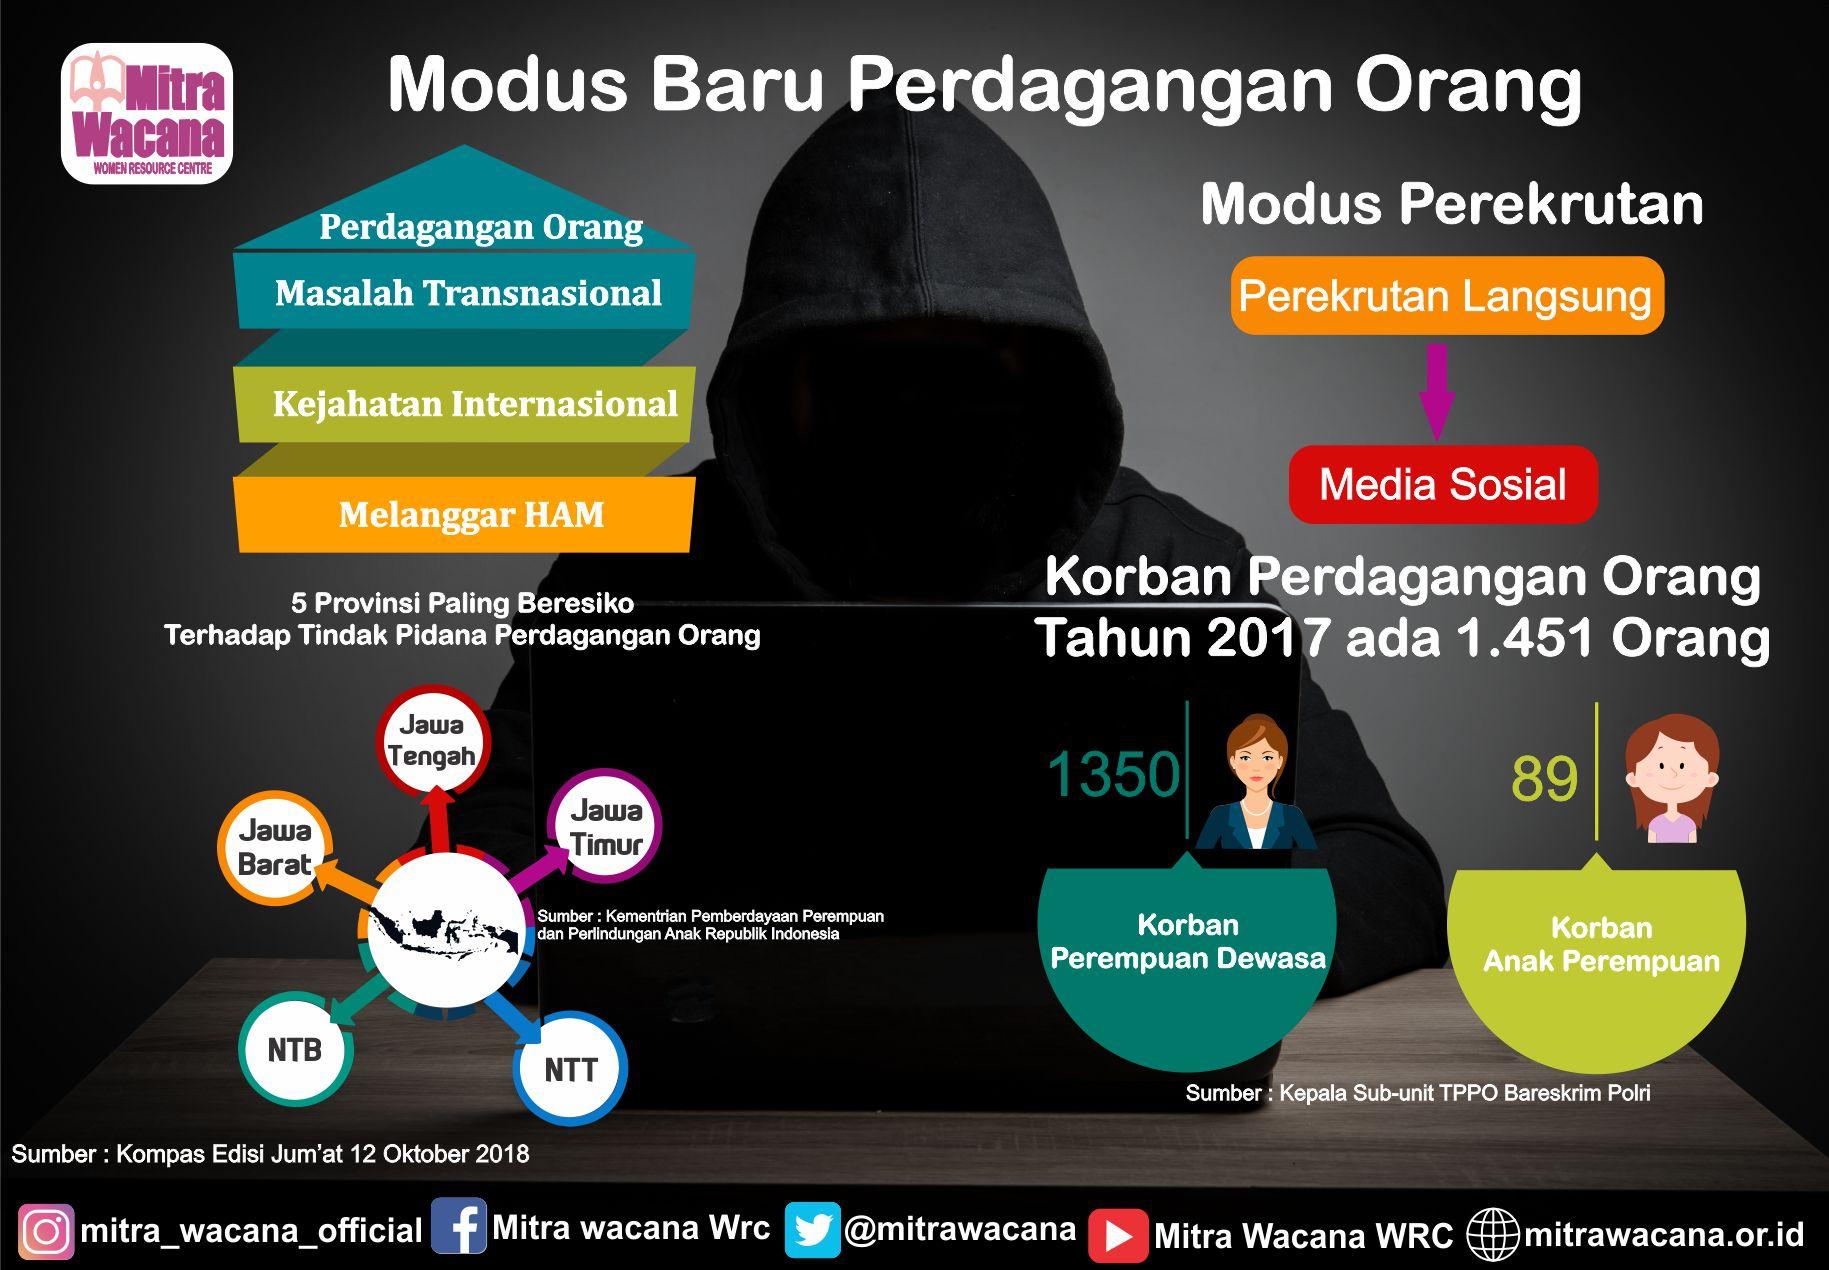 modus perdanganan online